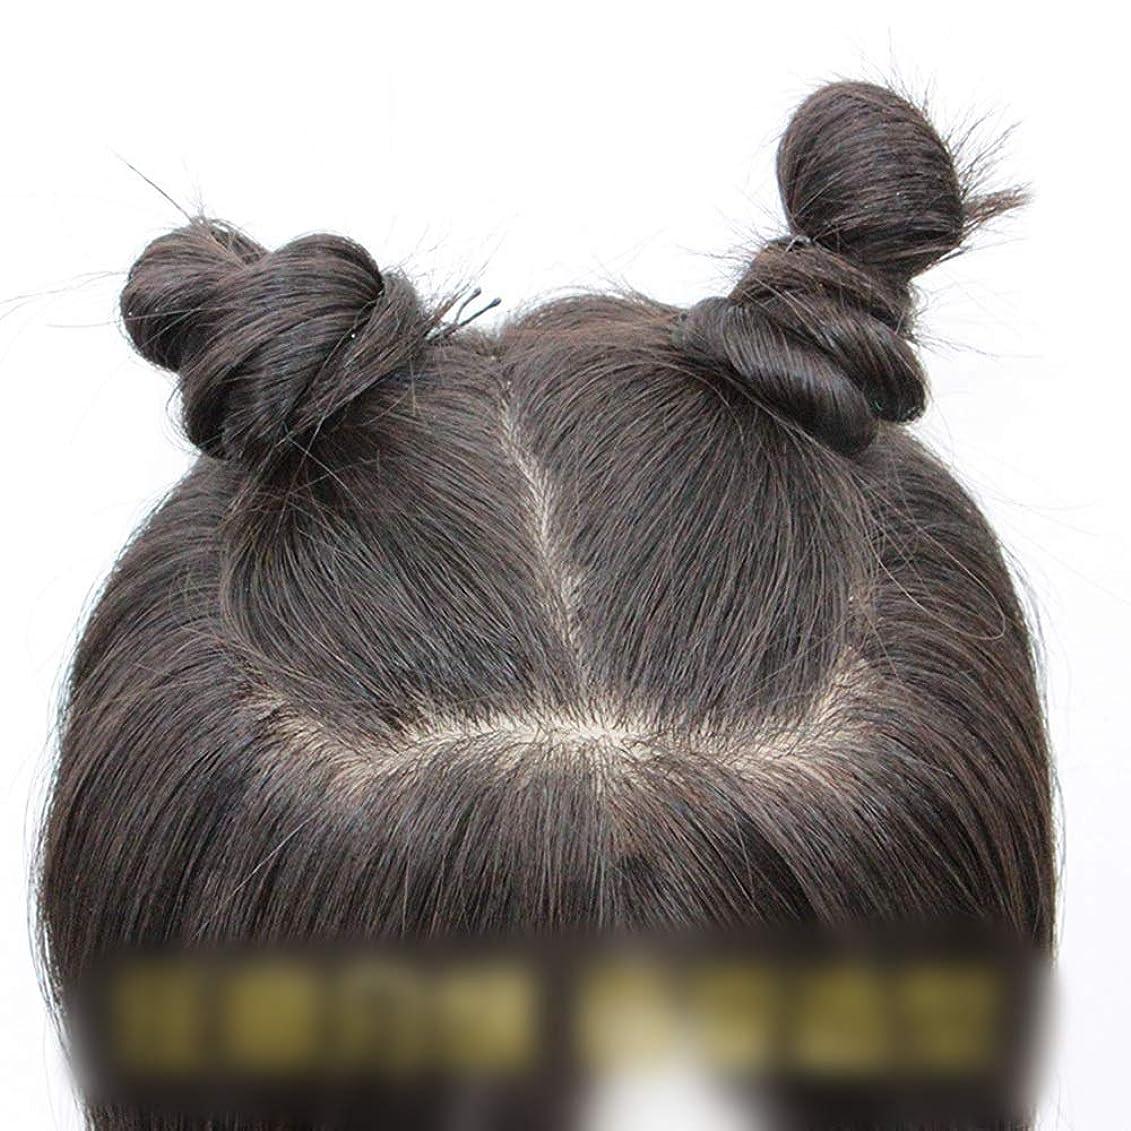 三角砦石膏HOHYLLYA リアルヘアエクステンション3Dハンドニードルカバーホワイトヘアウィッグパーティーウィッグで女性のロングストレートヘアクリップ (色 : Natural black, サイズ : 25cm)